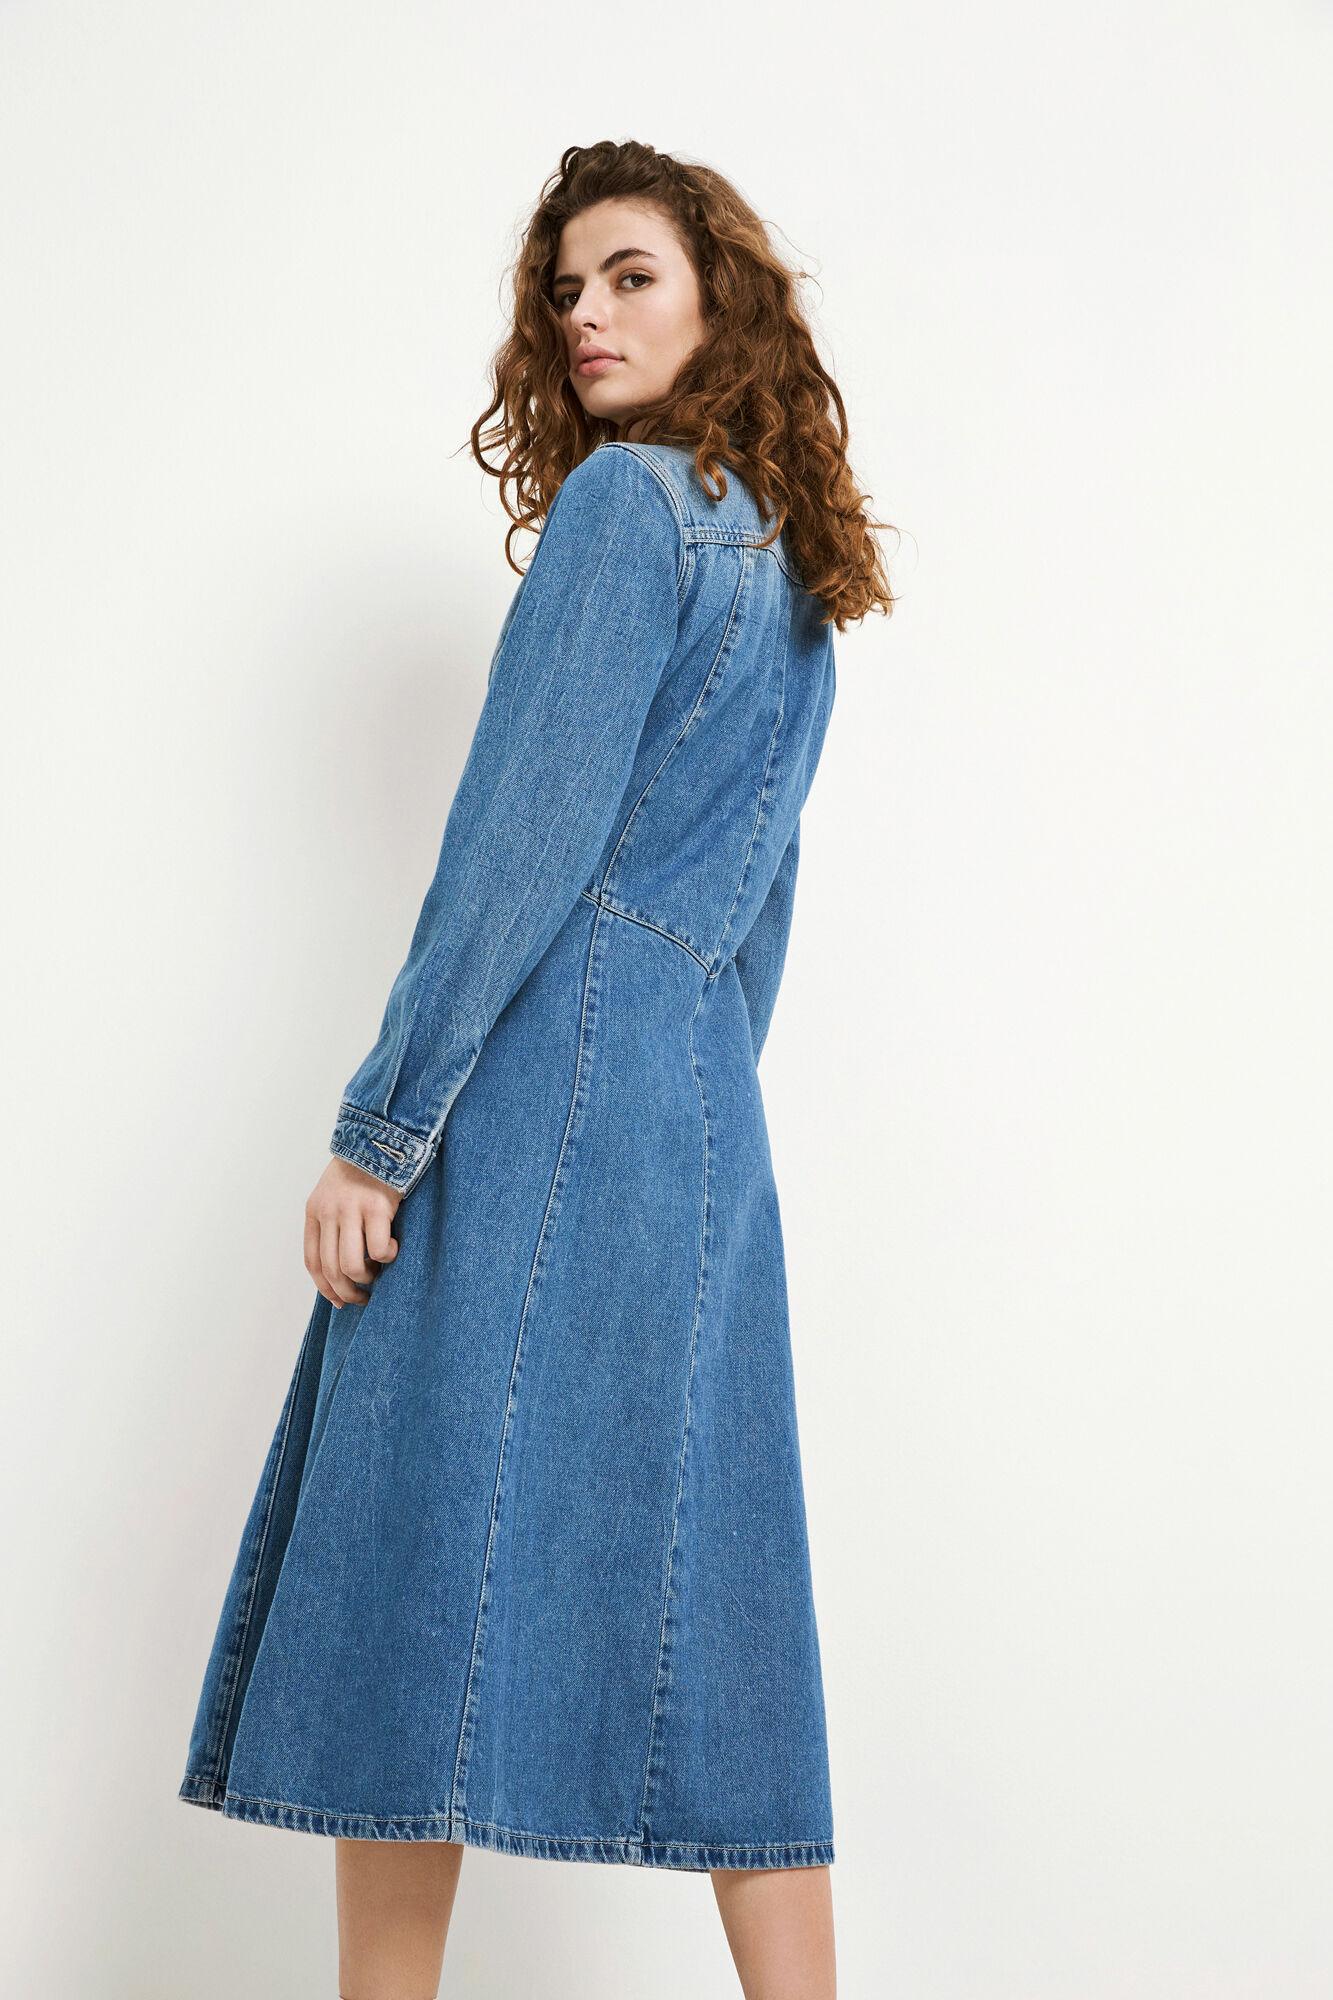 ENBLUE LS DRESS 6705